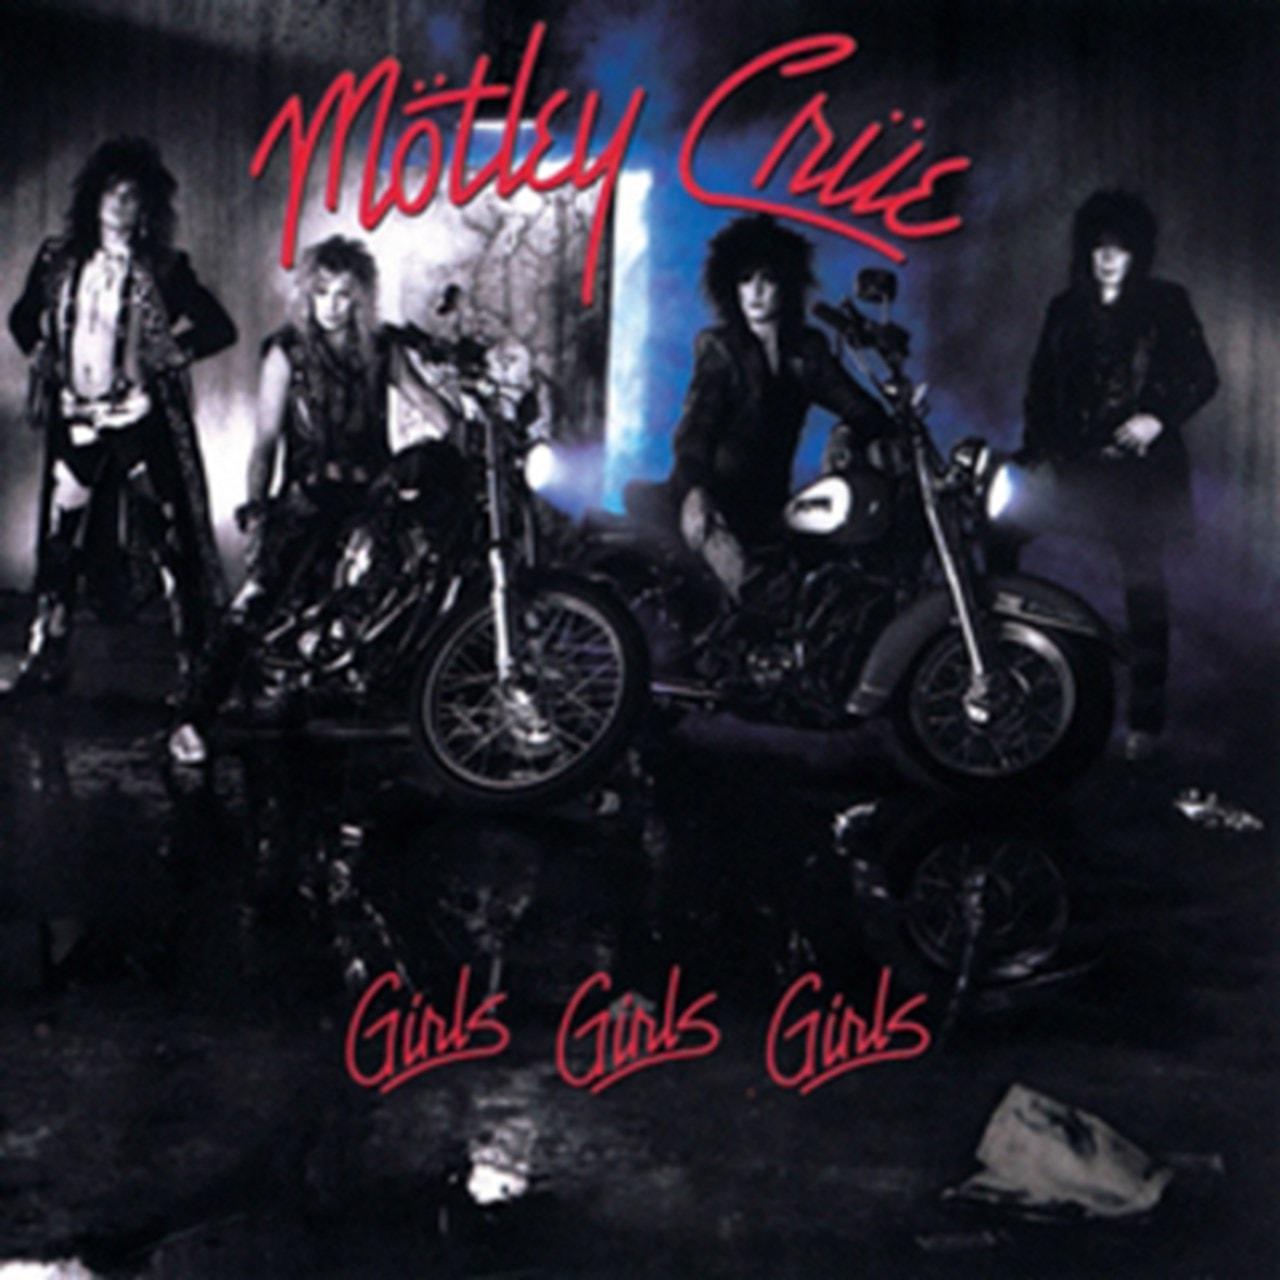 Girls, Girls, Girls - 1